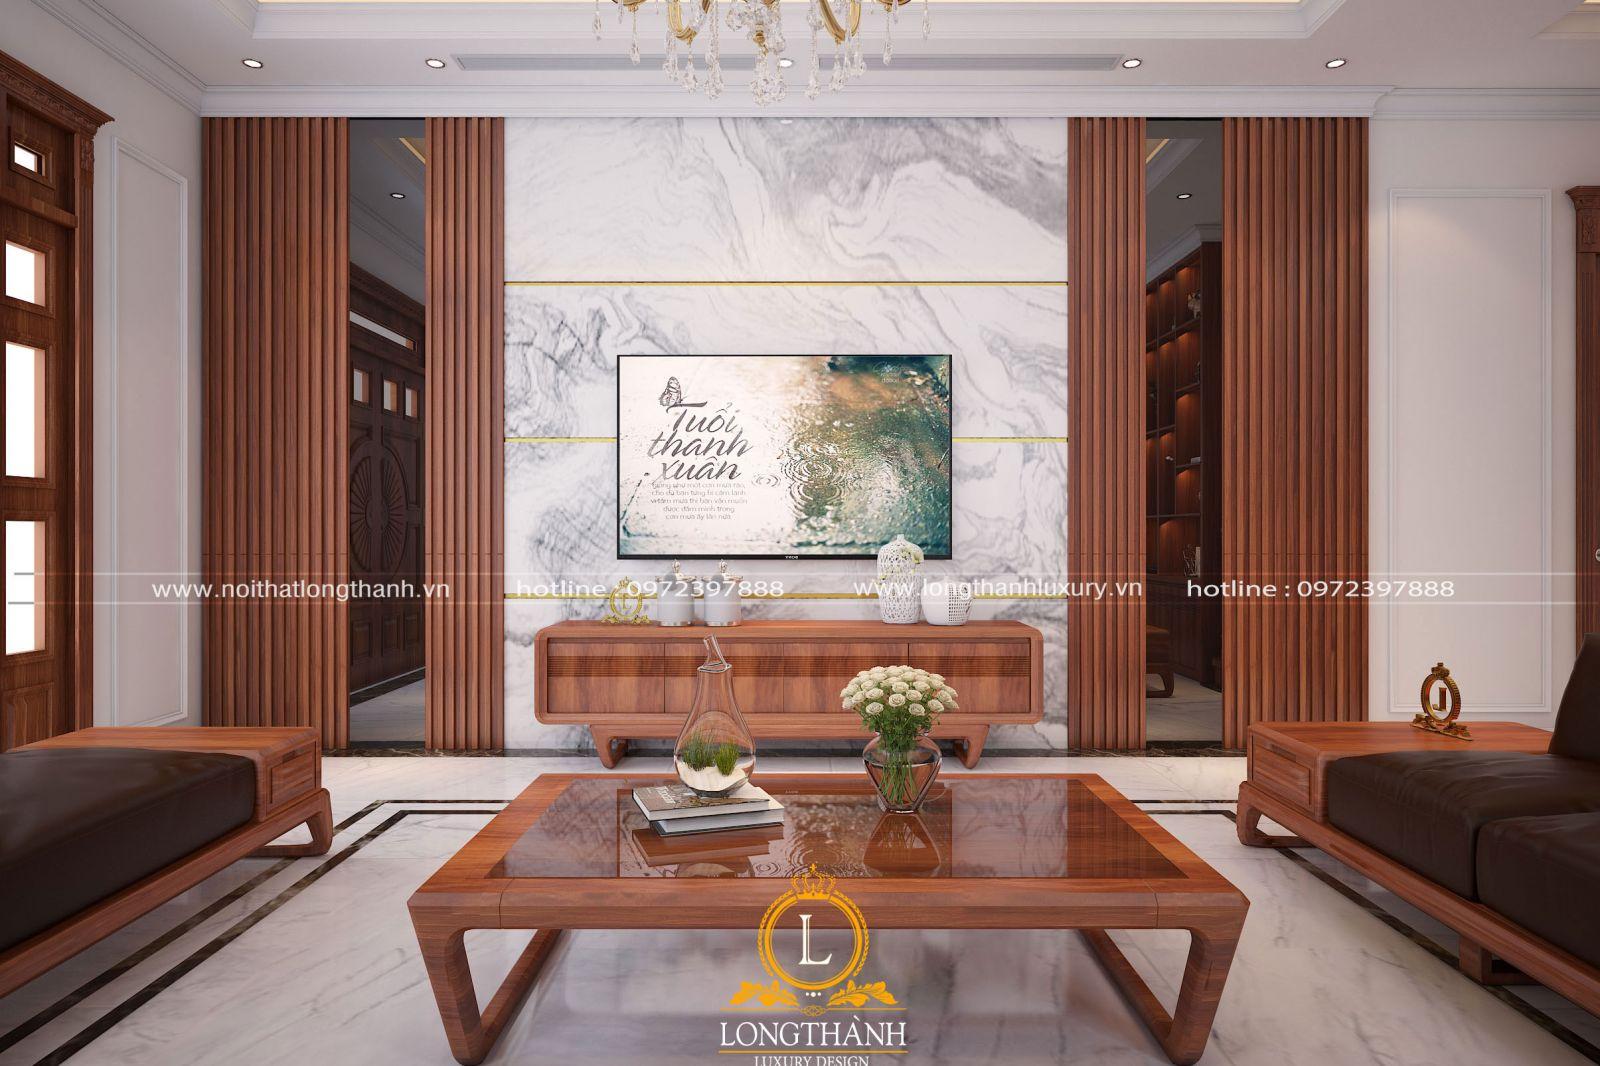 Ấn tượng với không gian phòng khách mang phong cách hiện đại